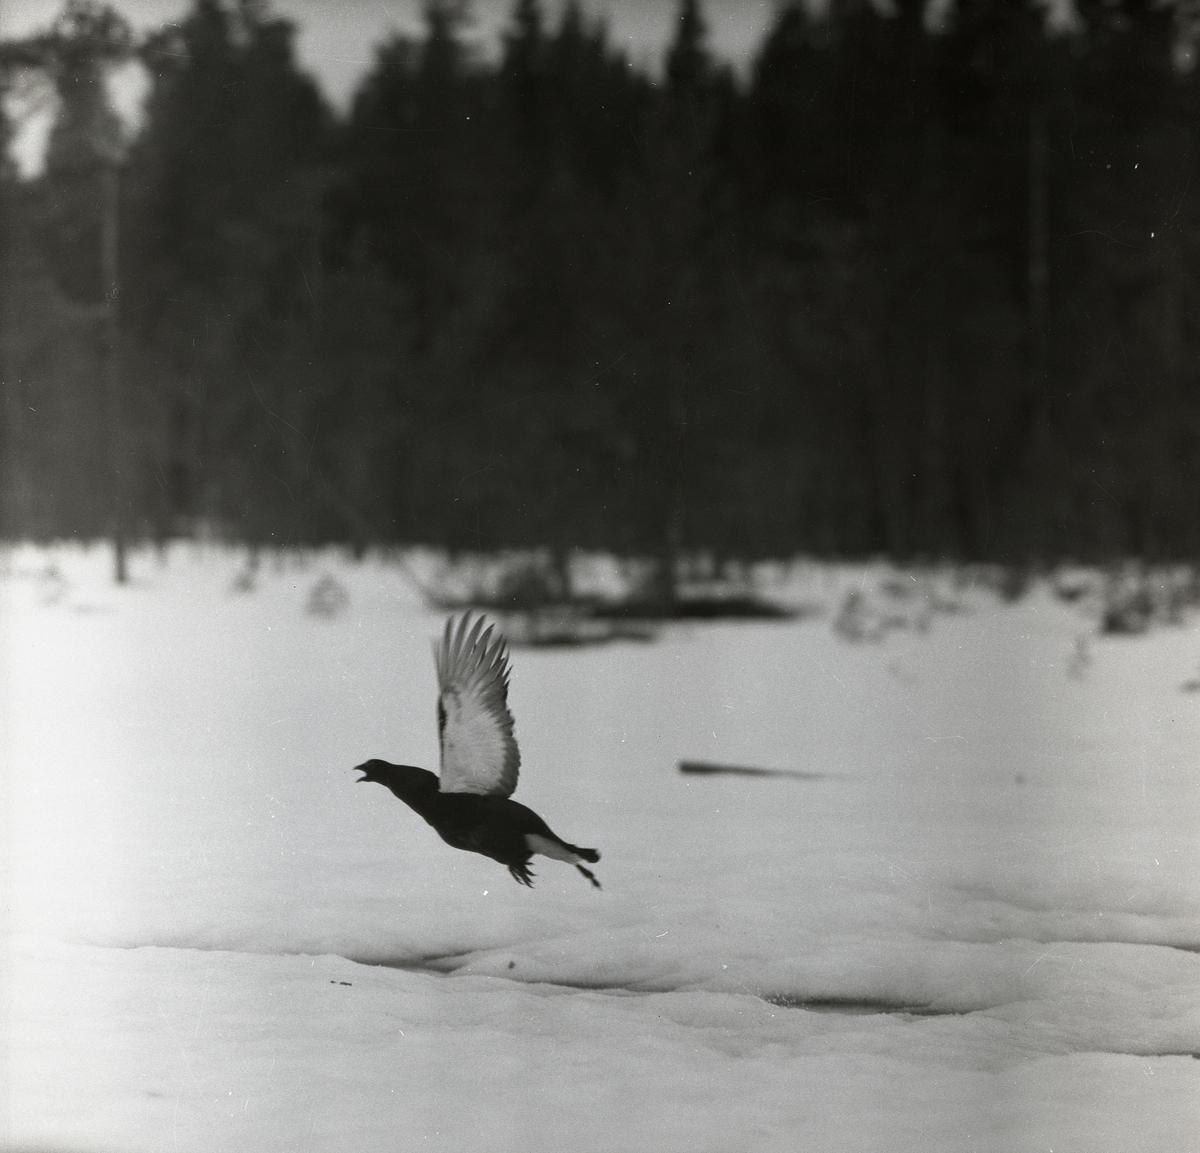 En fågel har precis lyft från marken och flyger ännu nära snön. Vingarna är helt utsträckta ovanför kroppen och orrens näbb är öppen. Bakom det snötäckta fältet skymtar en suddig  skog av barrträd förbi.